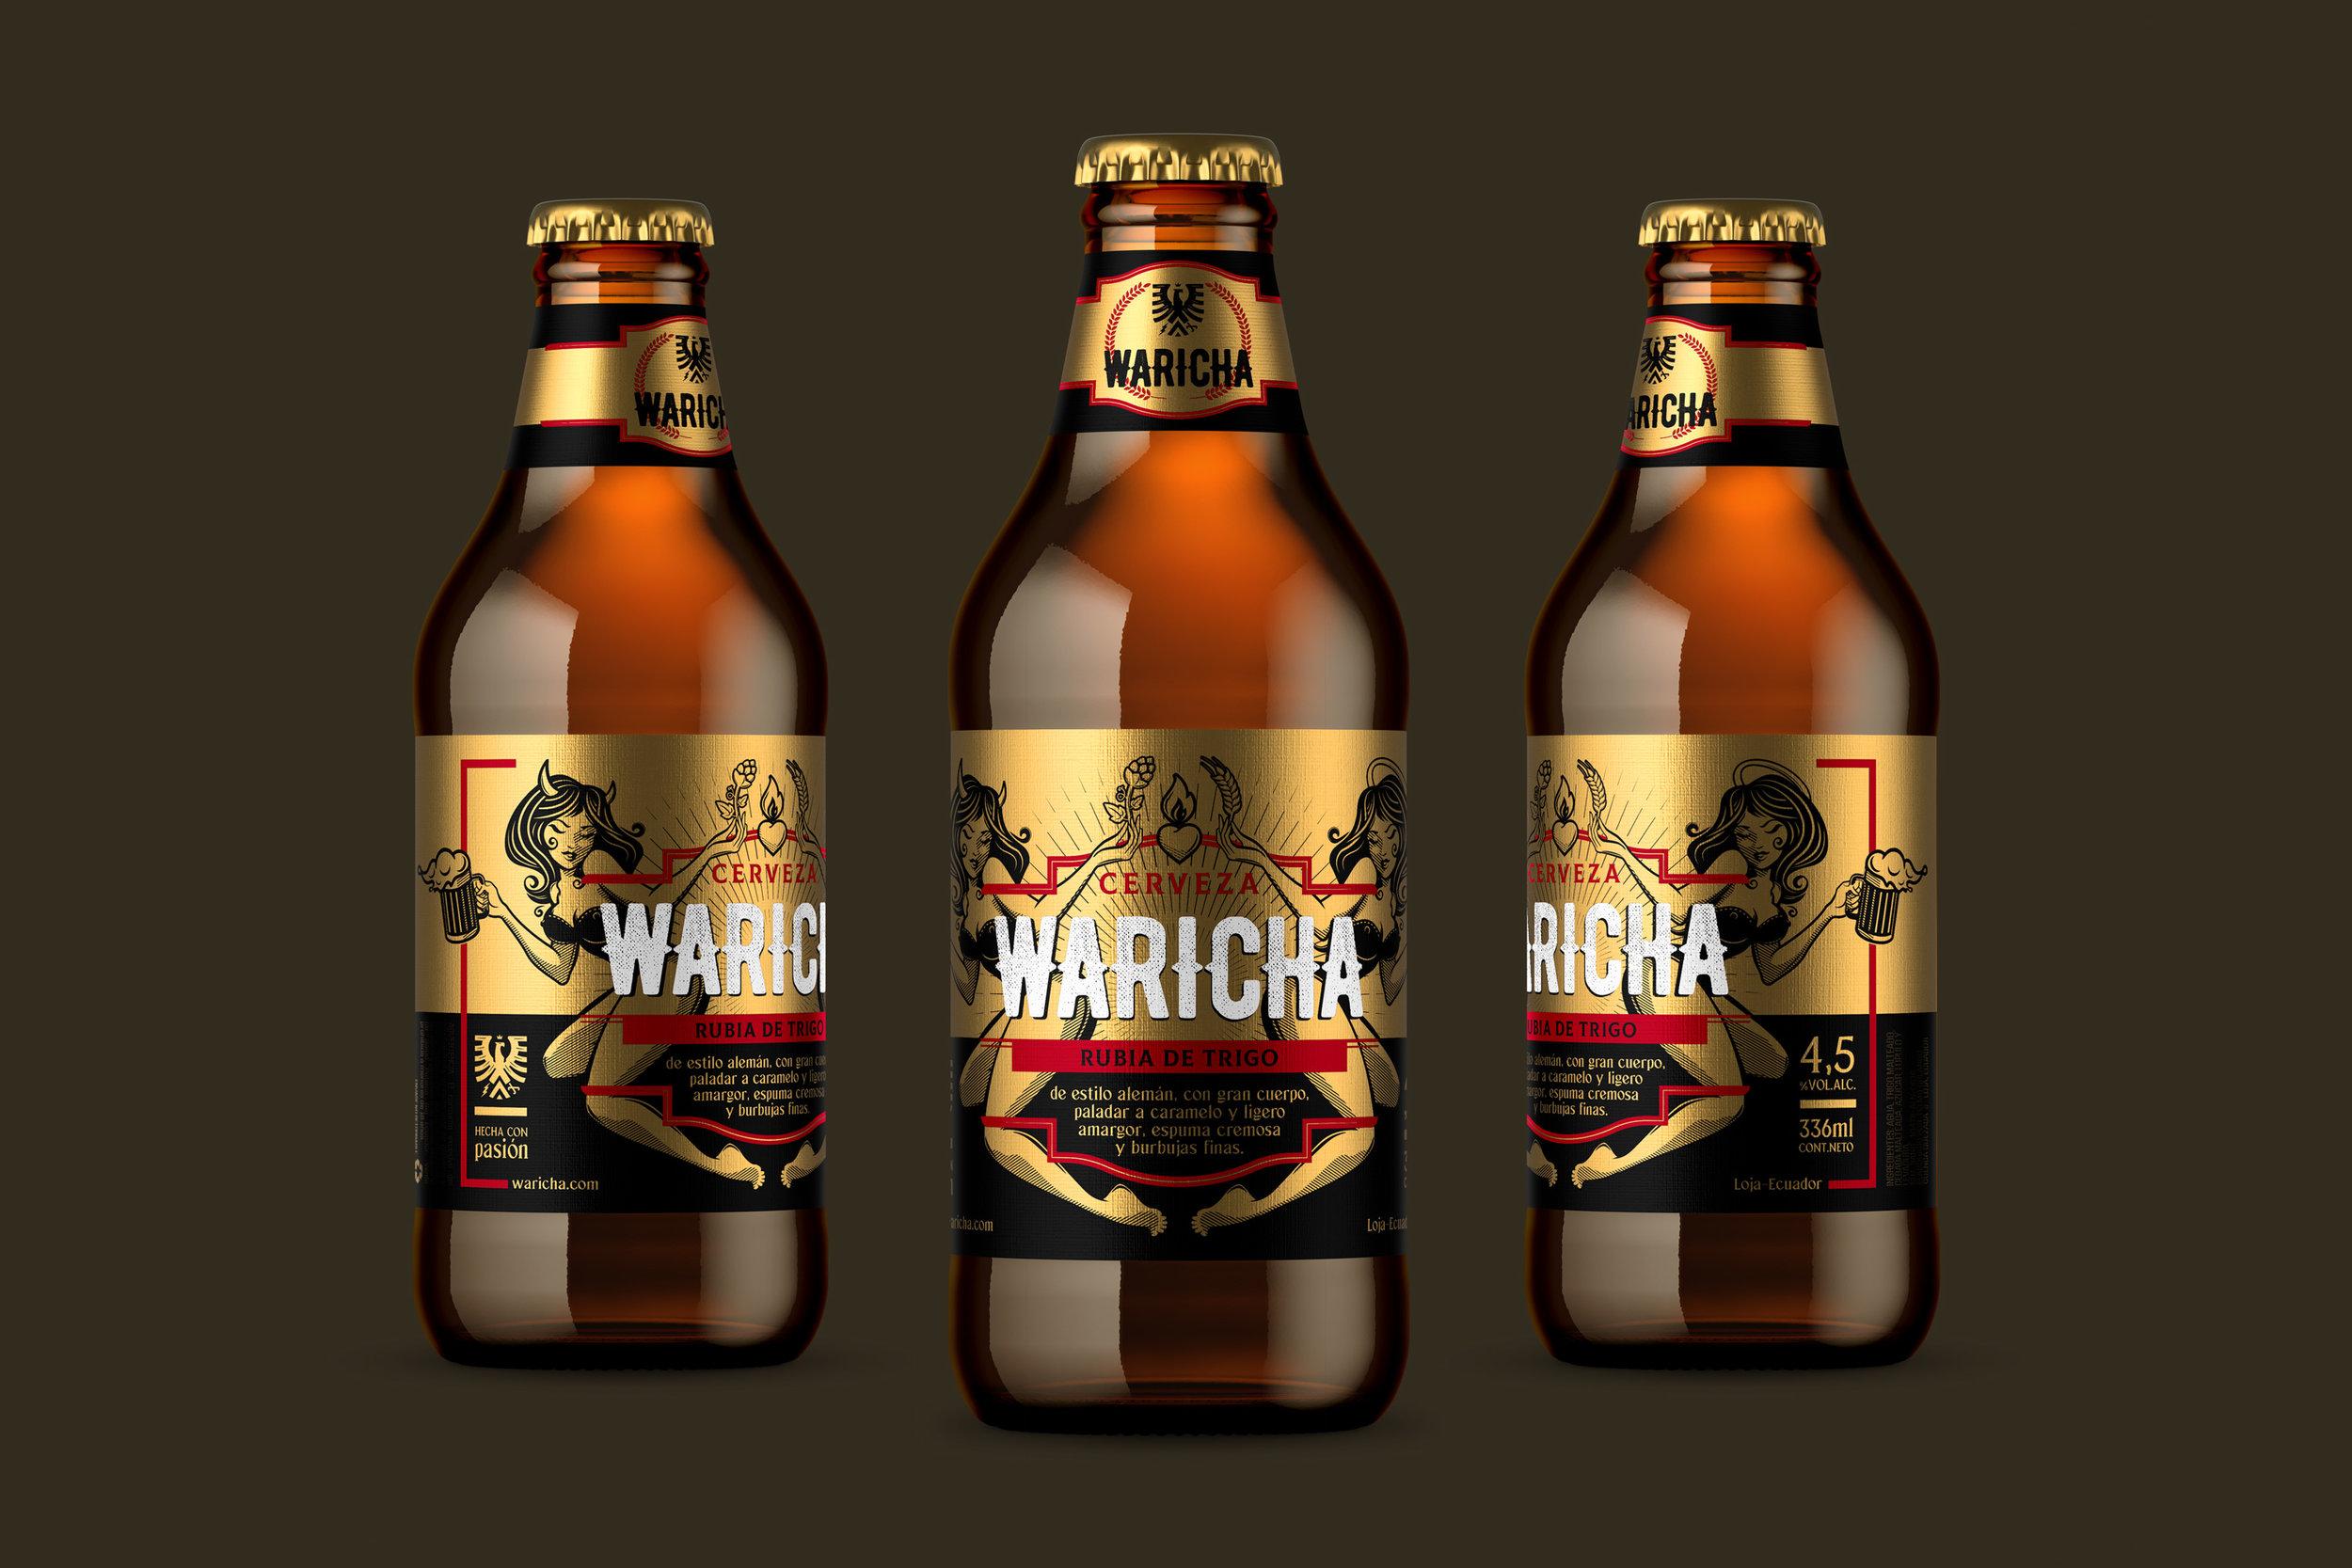 Telmo Cuenca Brand & Packaging Studio - Waricha Craft Beer Brand3.jpg